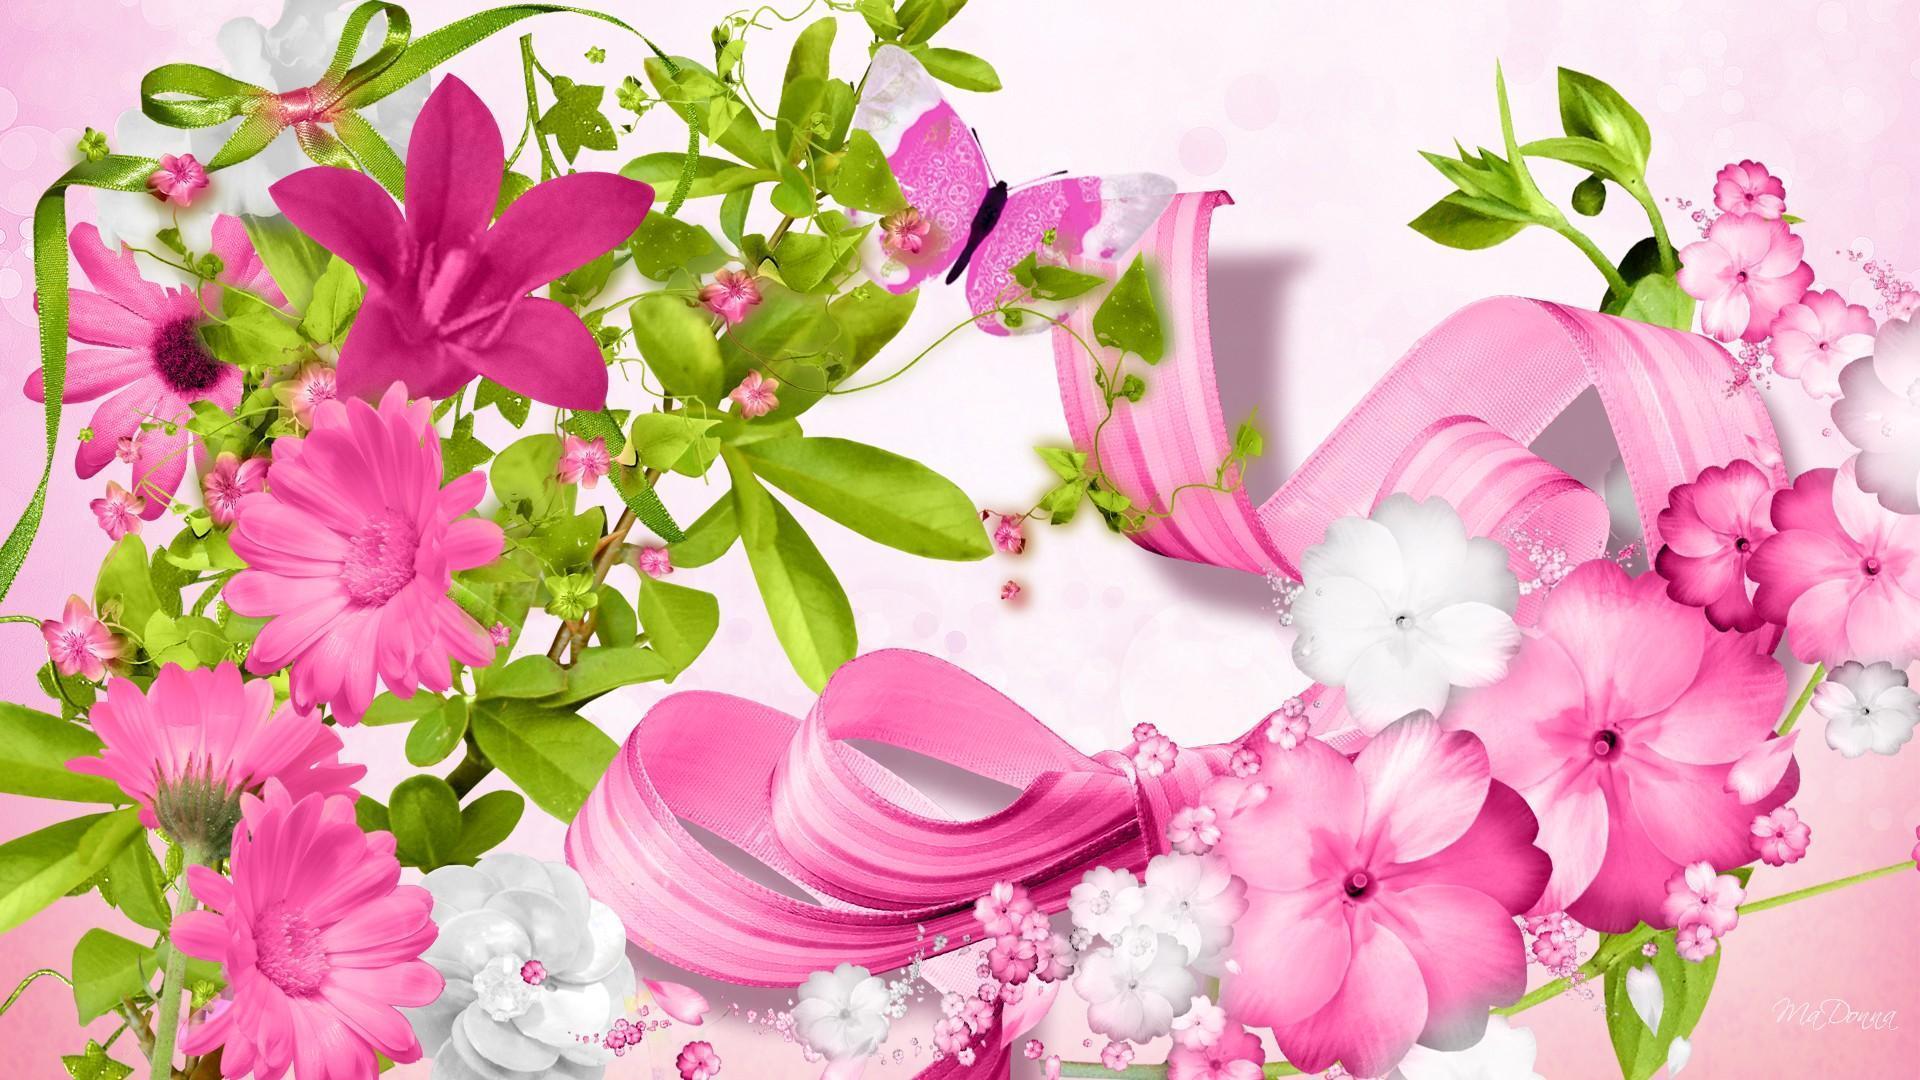 pink flower wallpapers wallpaper cave. Black Bedroom Furniture Sets. Home Design Ideas